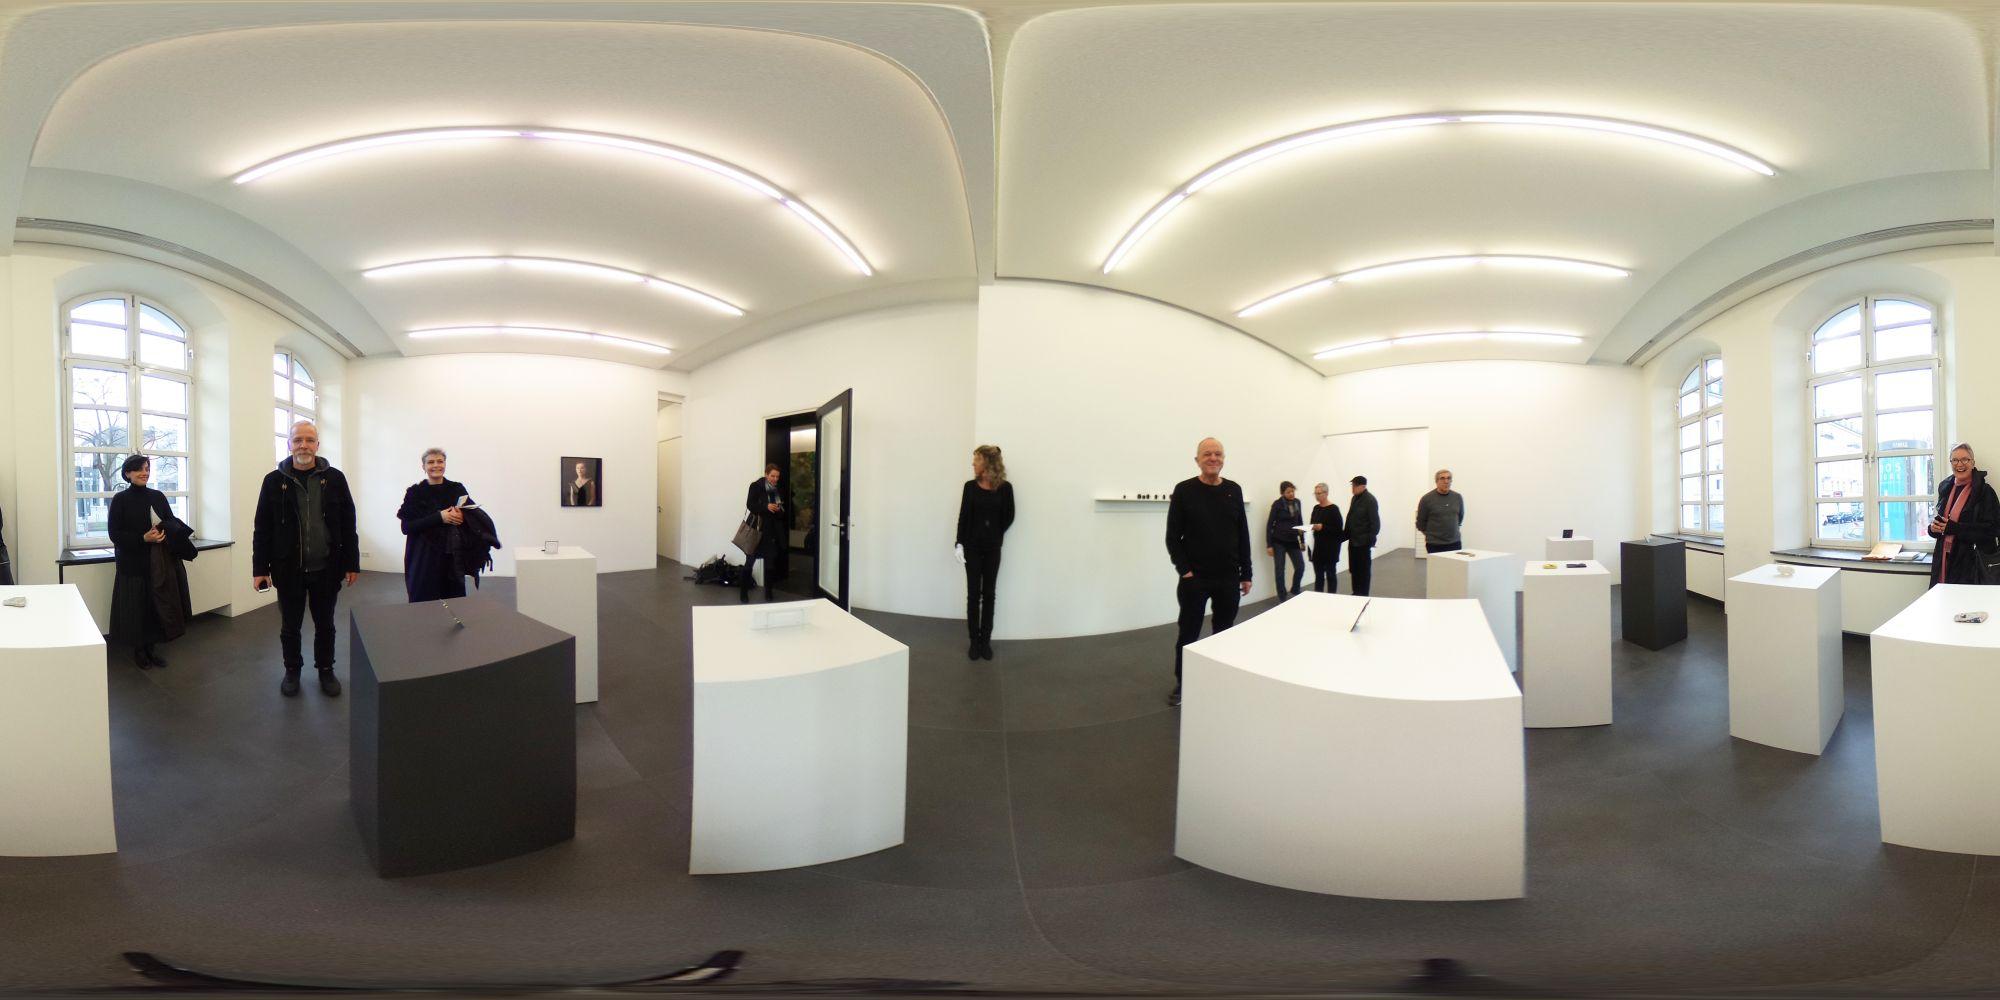 Otto Künzli, Quidam in Galerie Wittenbrink, 2017. Foto met dank aan Galerie Wittenbrink©